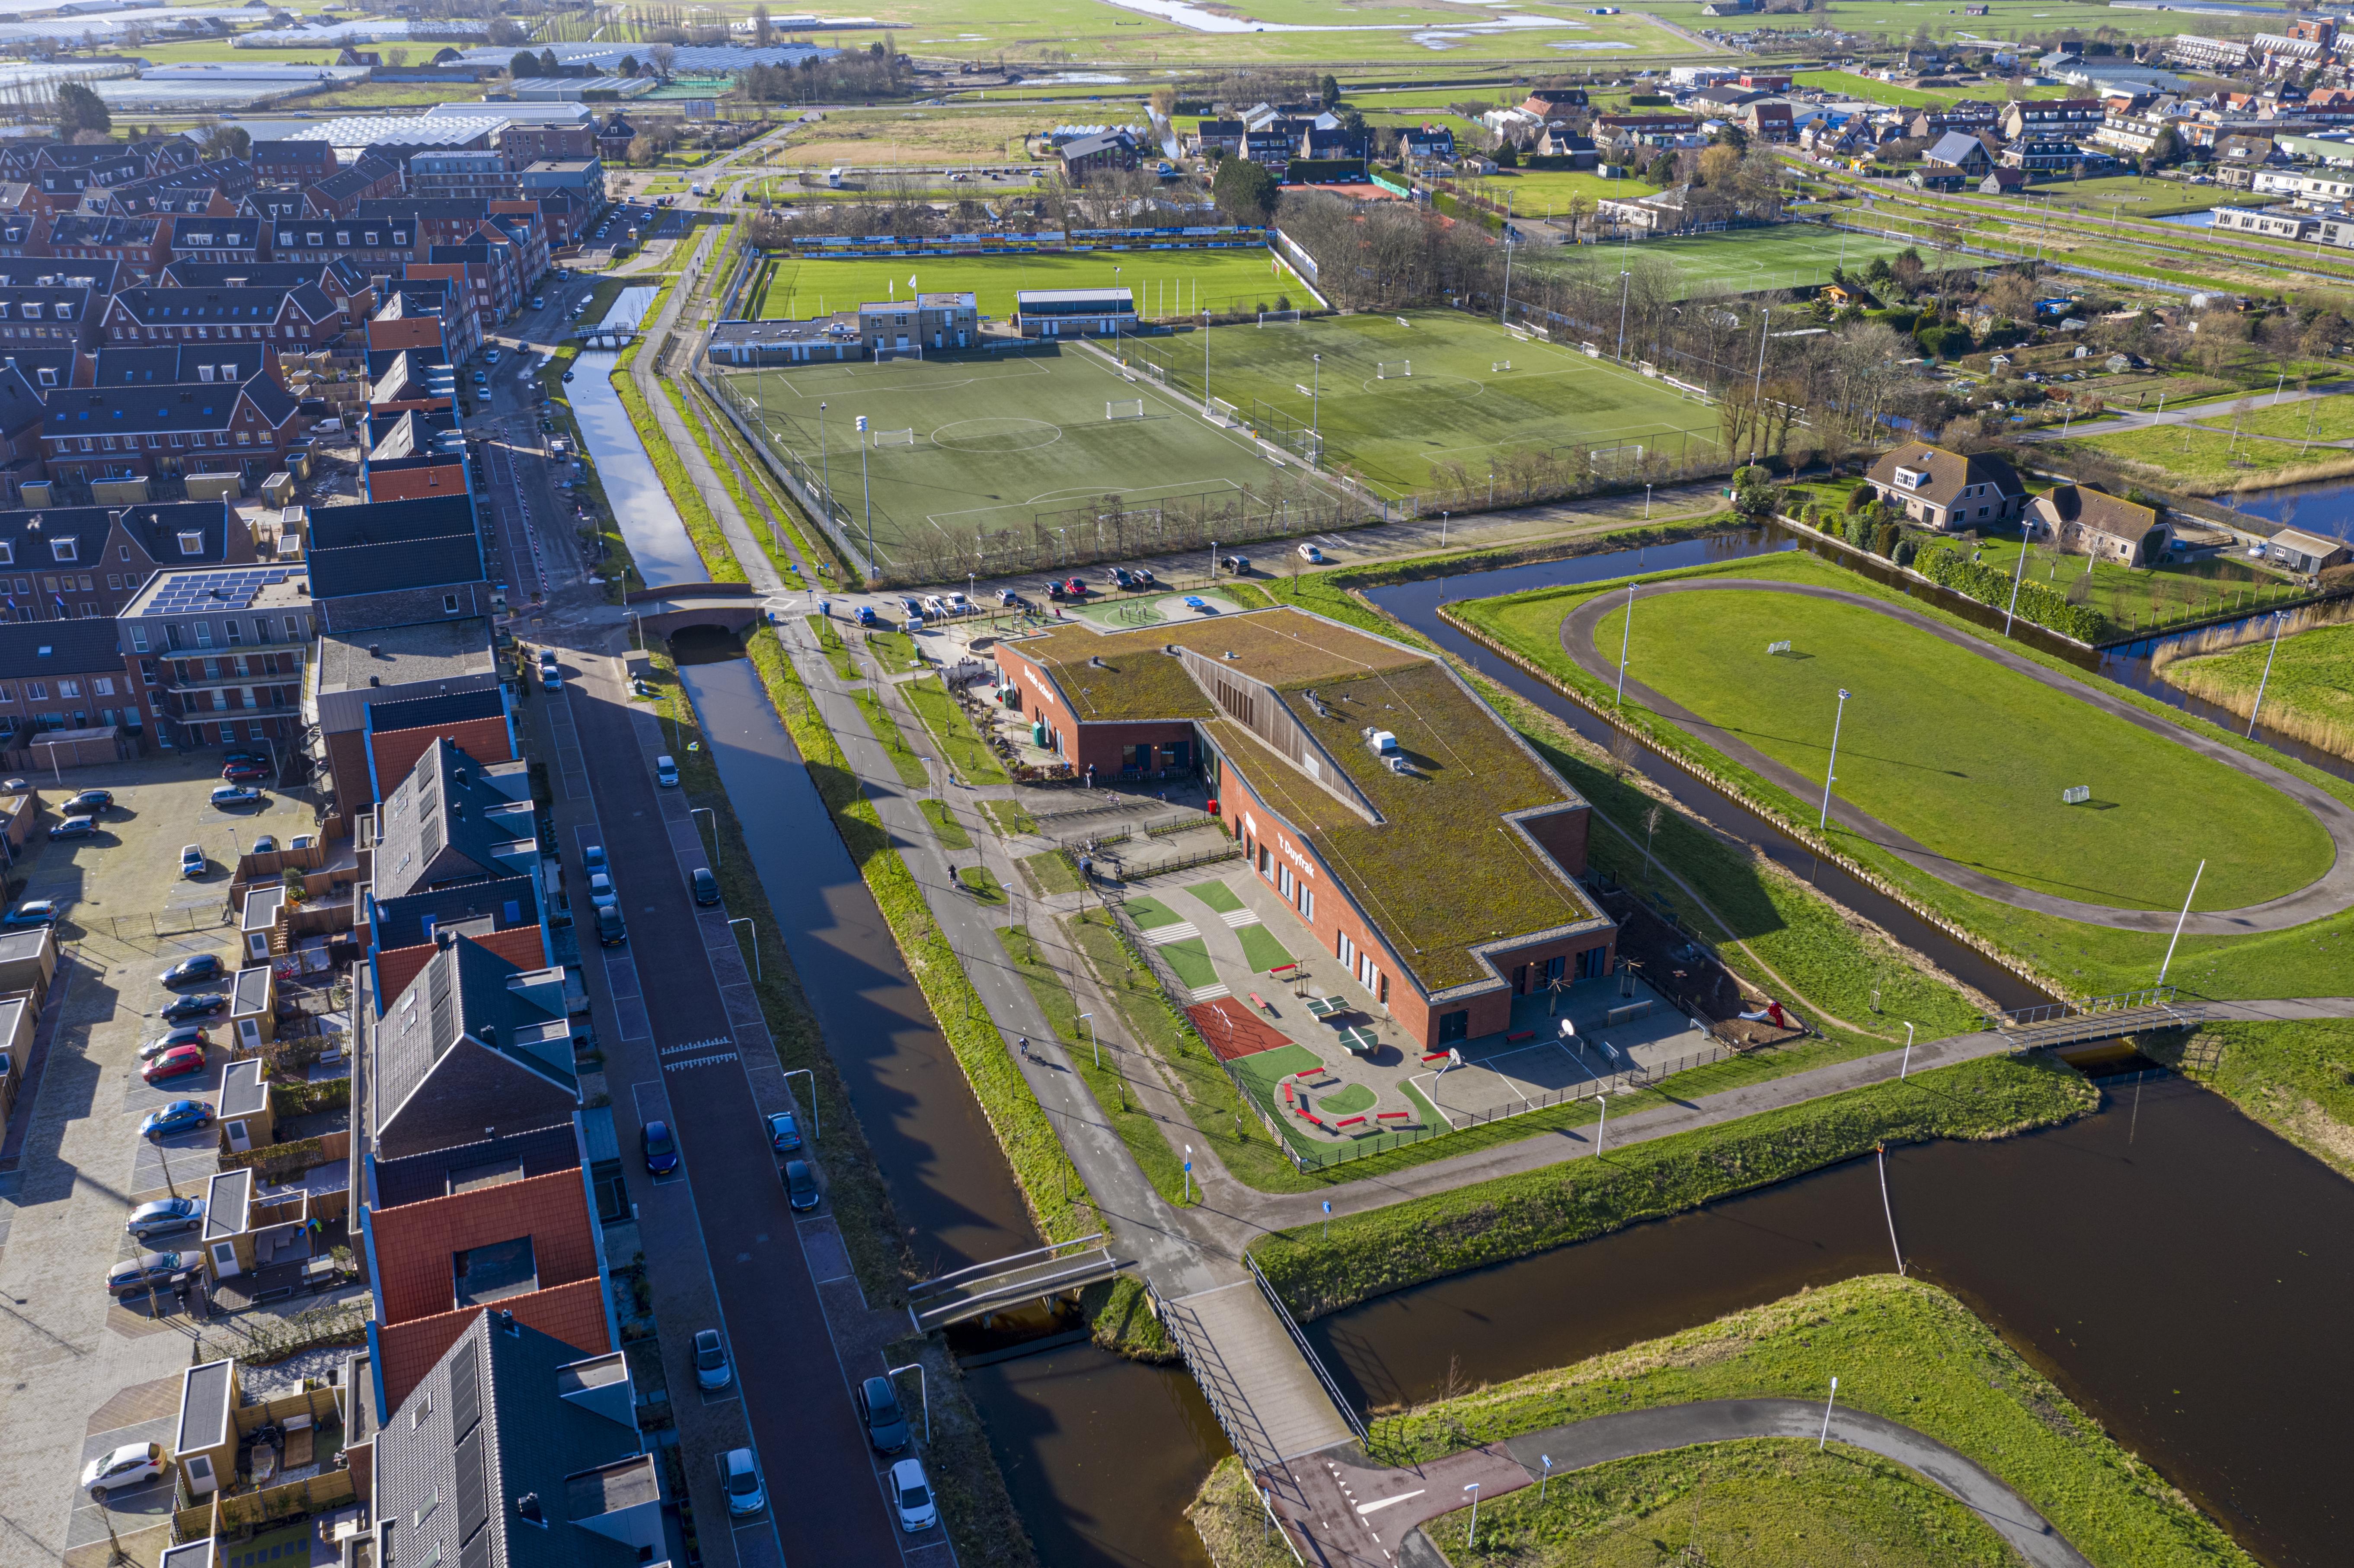 Basisschool De Dubbelburg hoopt dat de provincie drie noodlokalen wil bekostigen. Er bleek veel meer animo voor Openbaar basisonderwijs dan gedacht